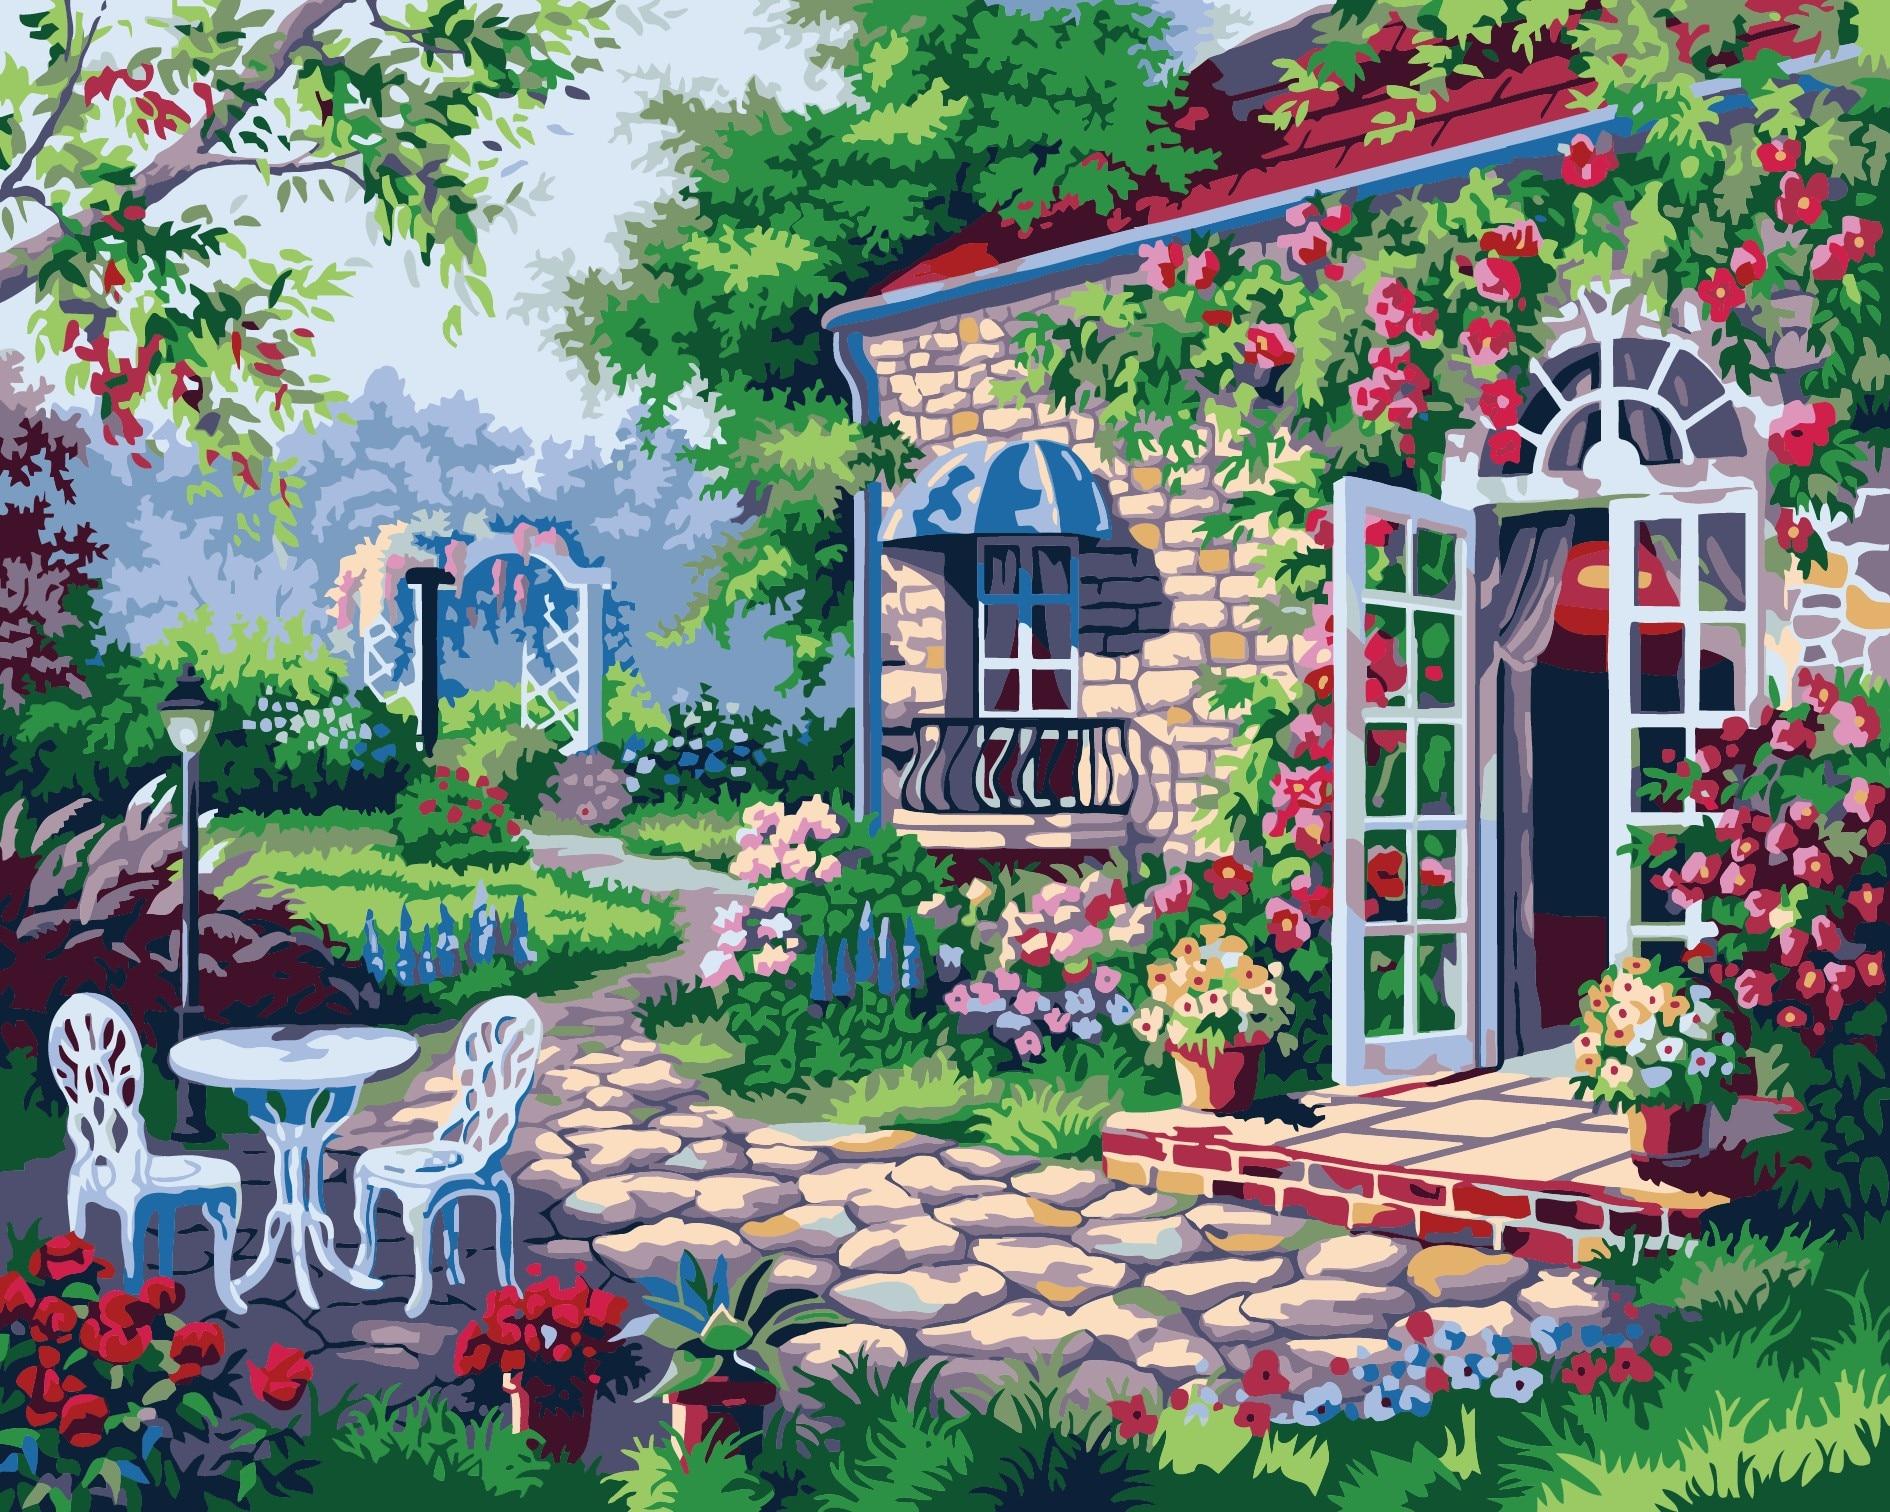 el ltimo estilo regalos del arte hermoso patio cuadro enmarcado pintura sobre lienzo de pintura al